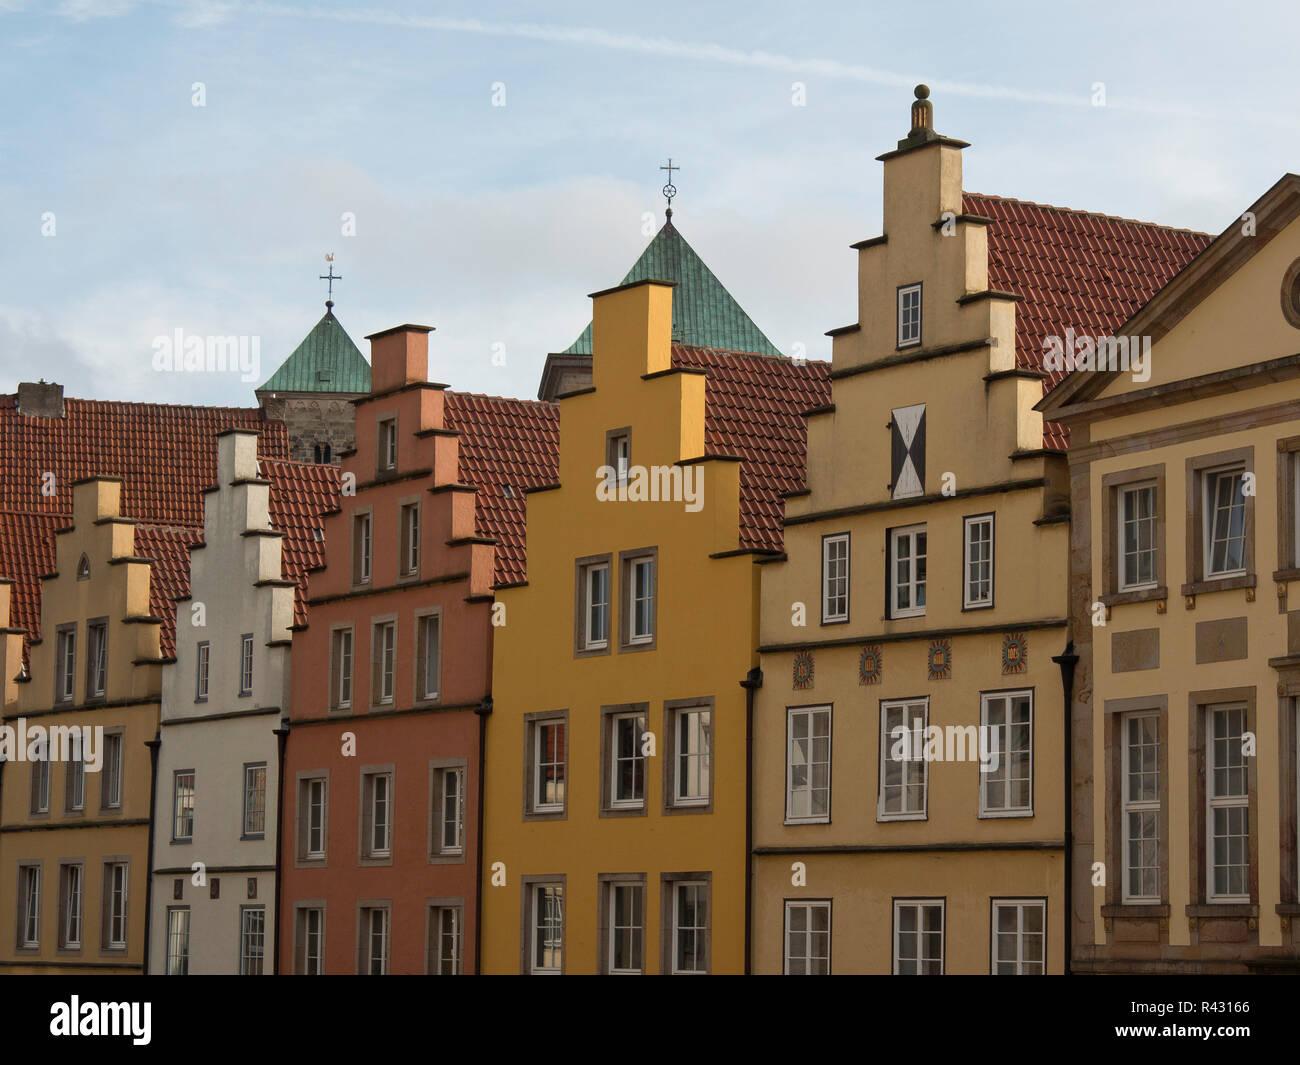 marketplace osnabrück - Stock Image